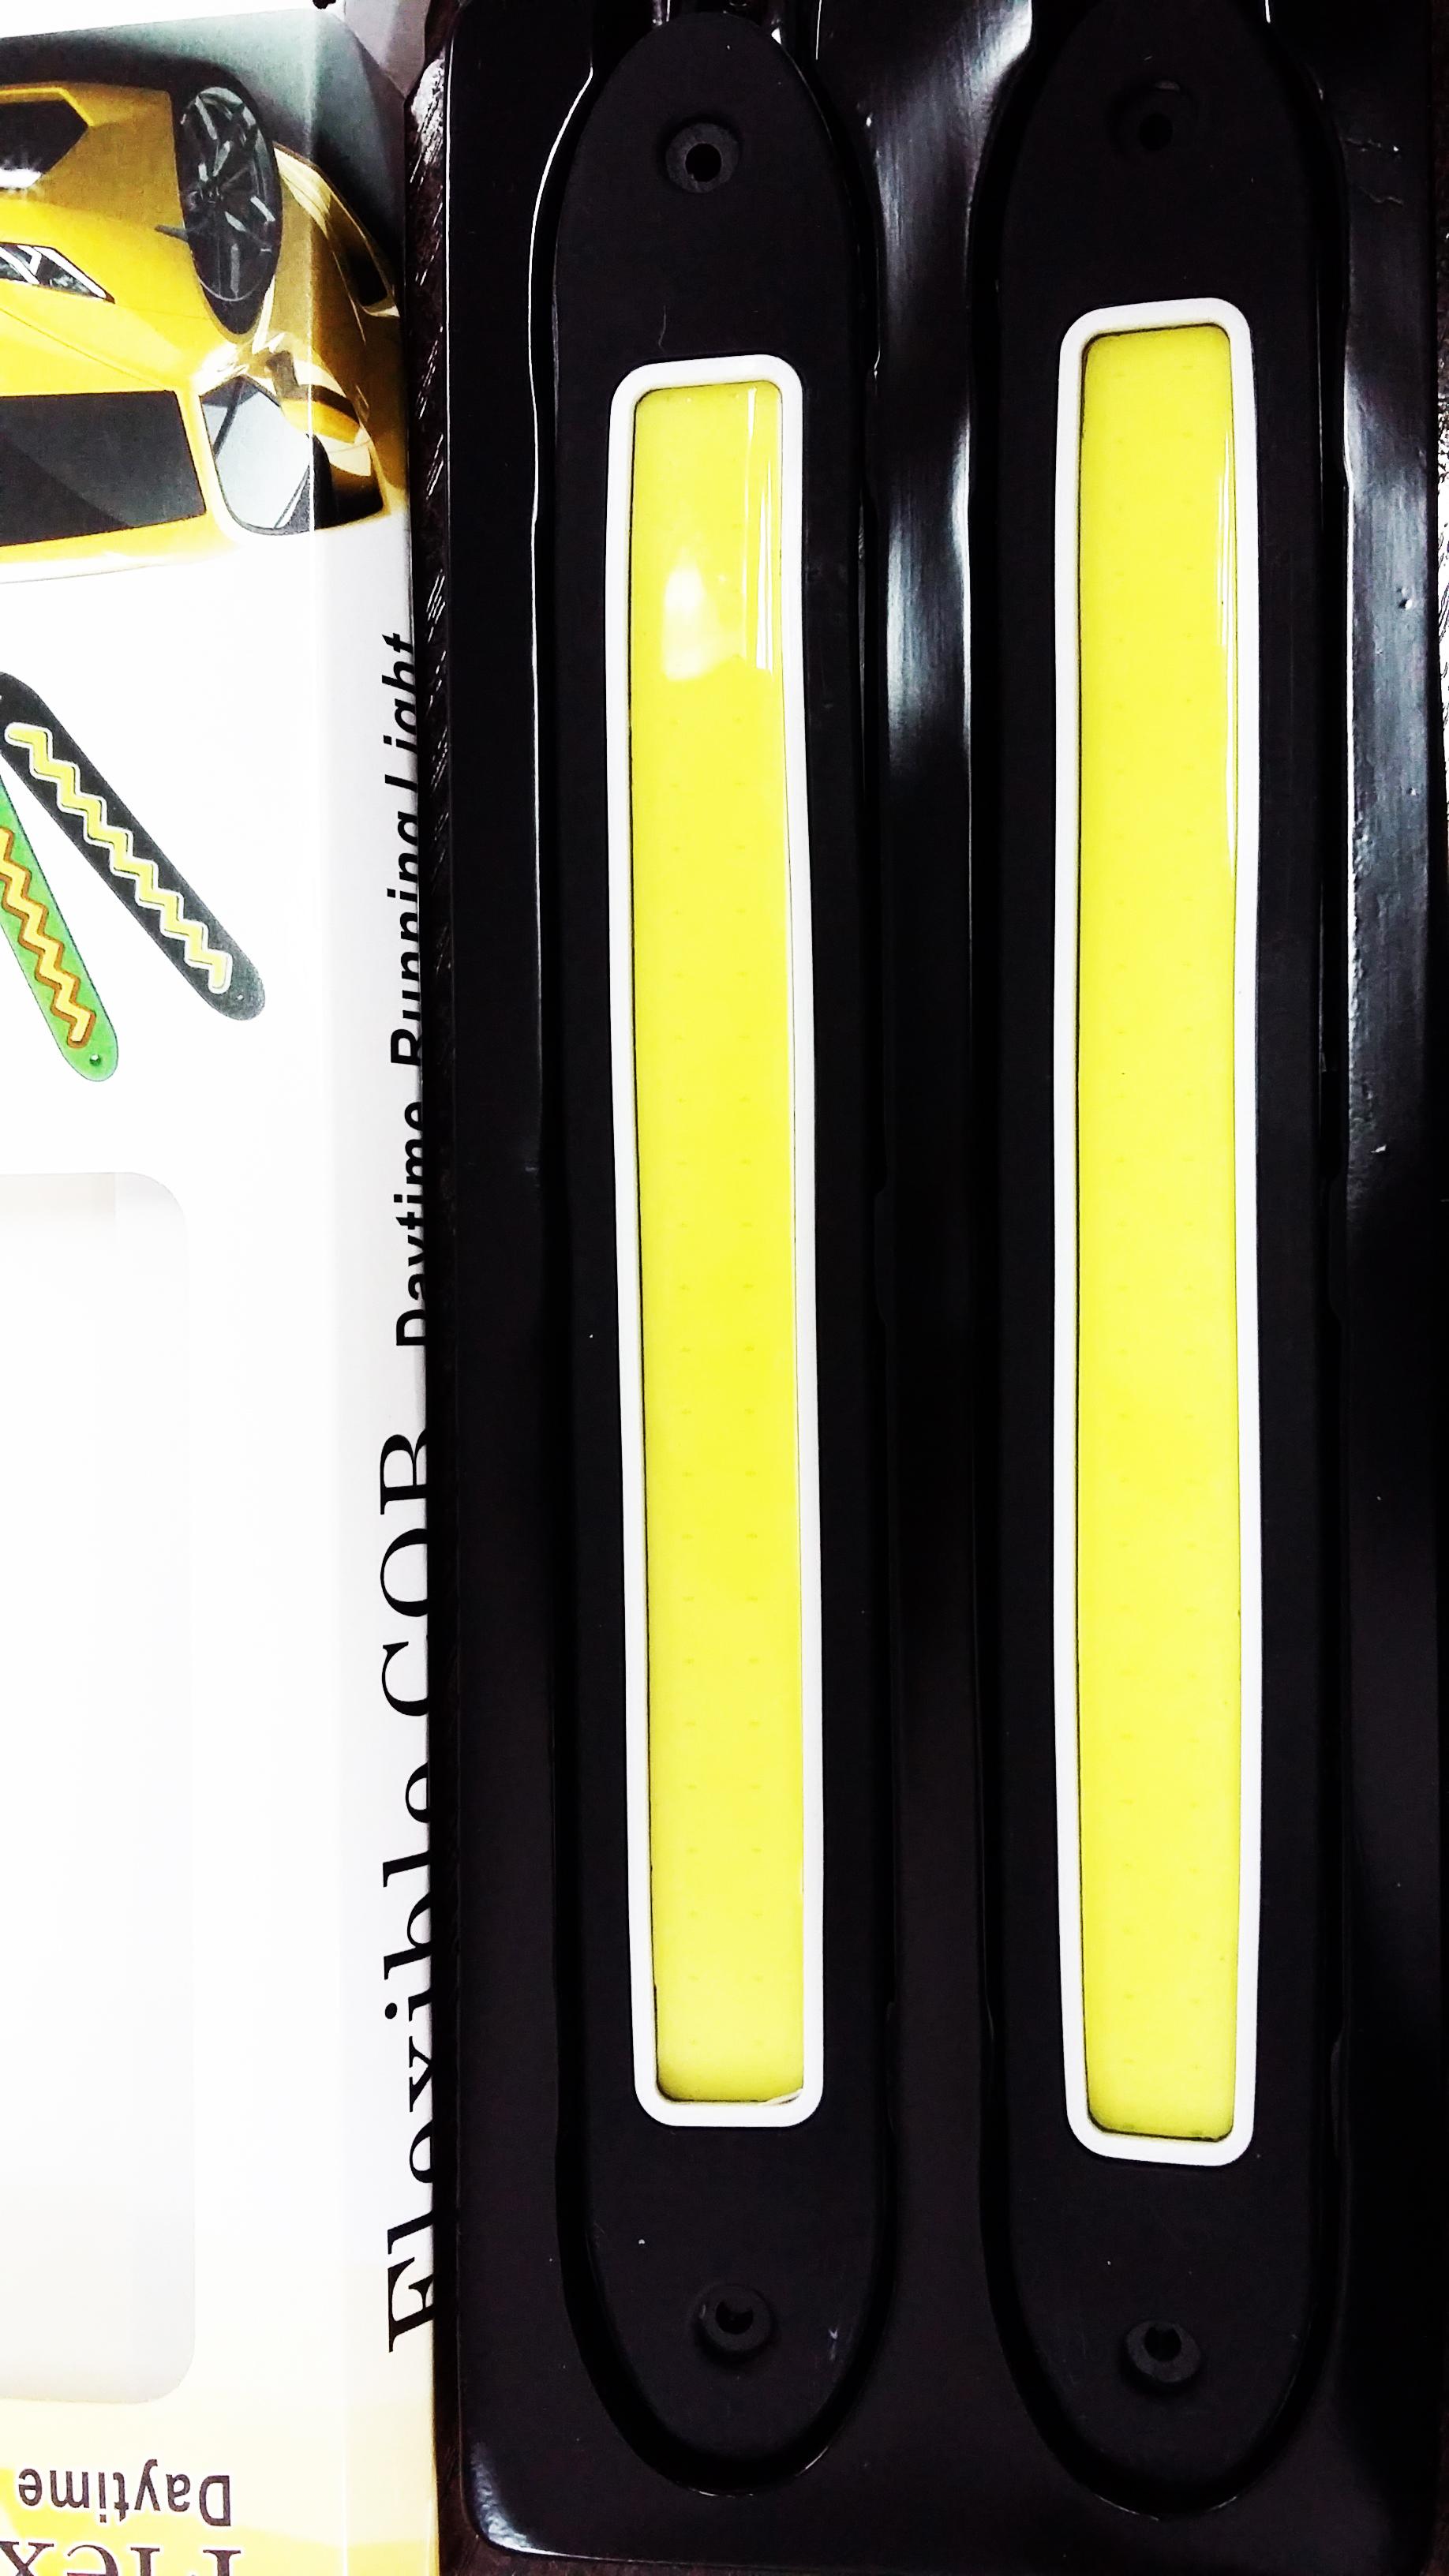 Дневные ходовые огни LED Гибкие (HP толстые)